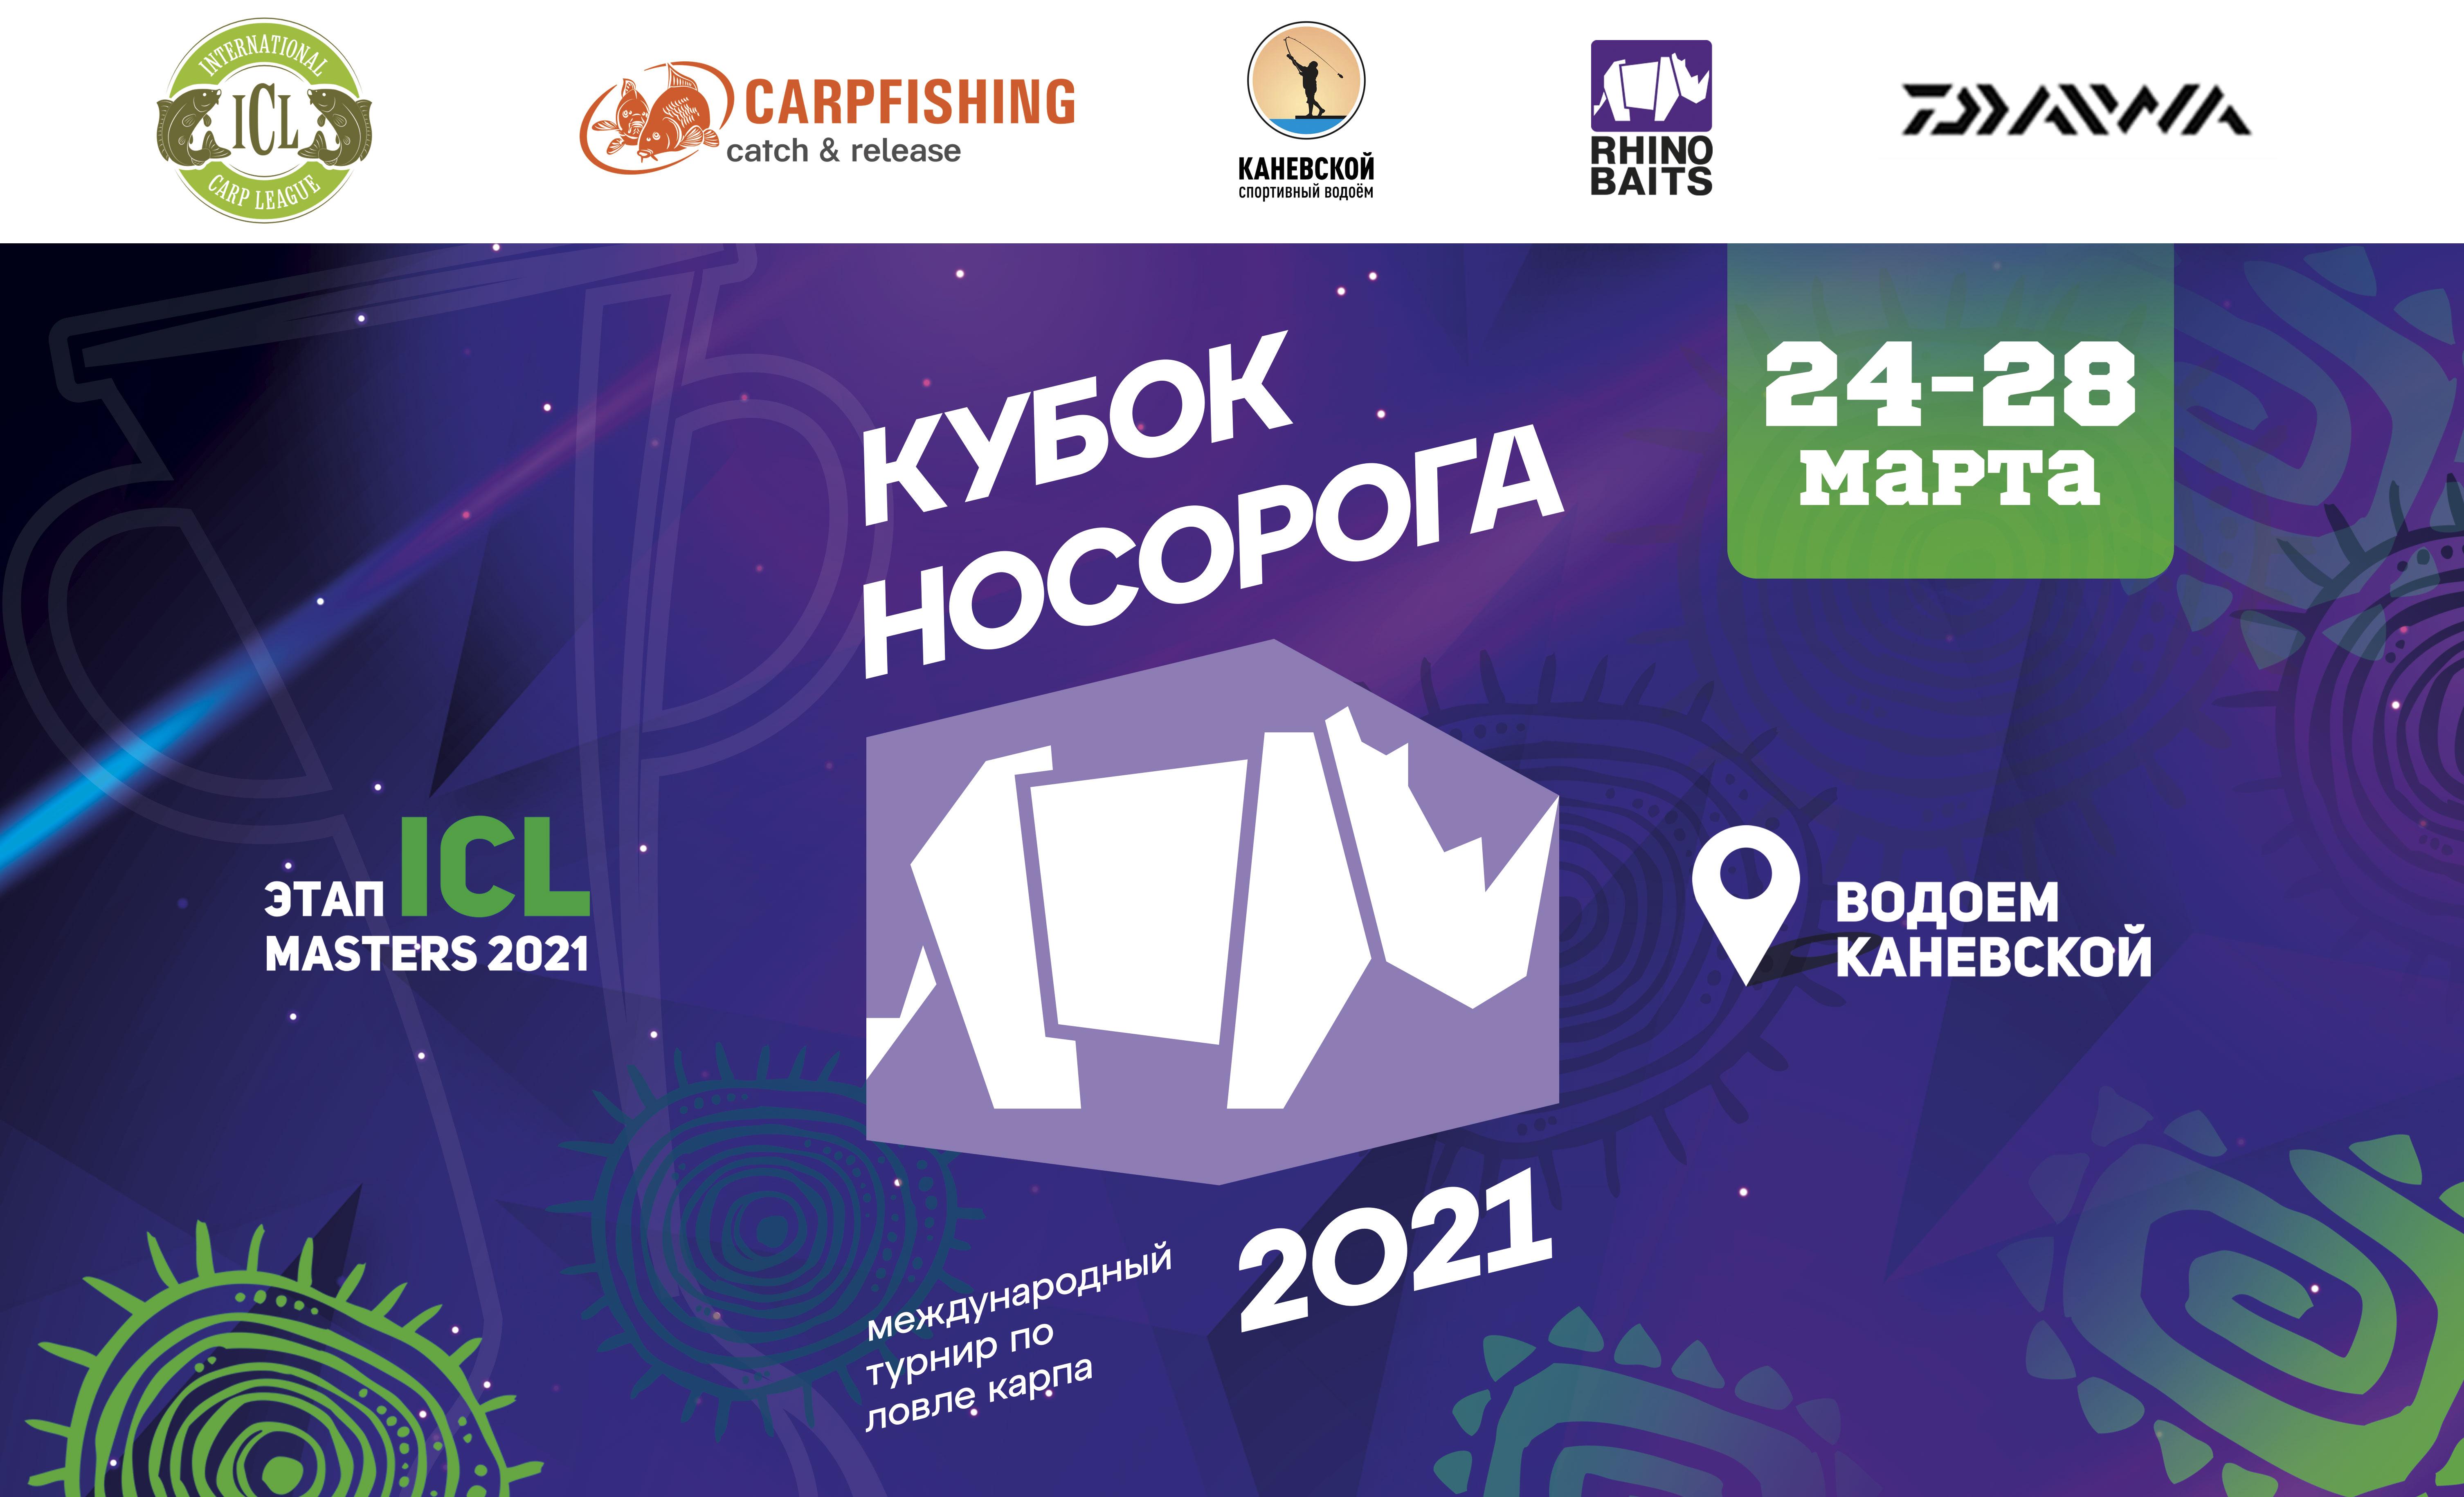 Кубок Носорога 2021 — на старте!